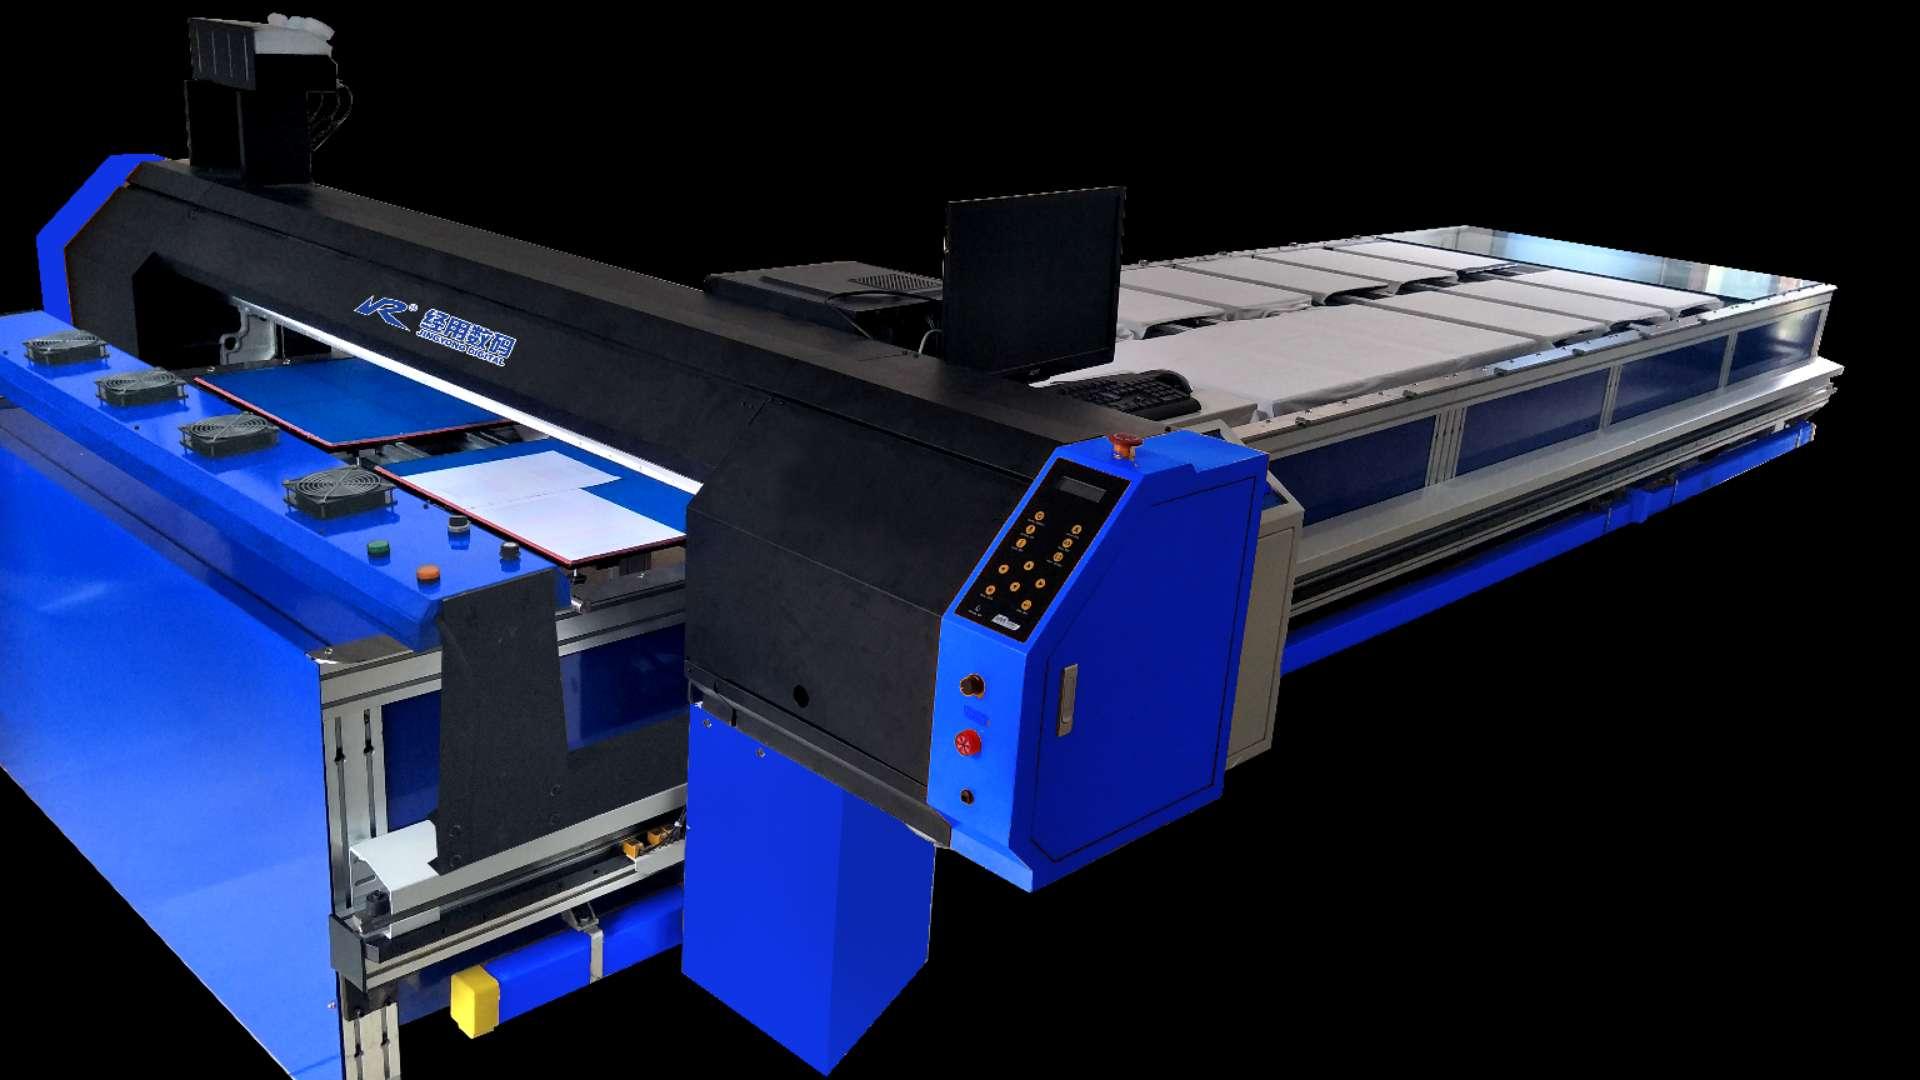 单双向循环跑台式经用数码服装直喷打印机